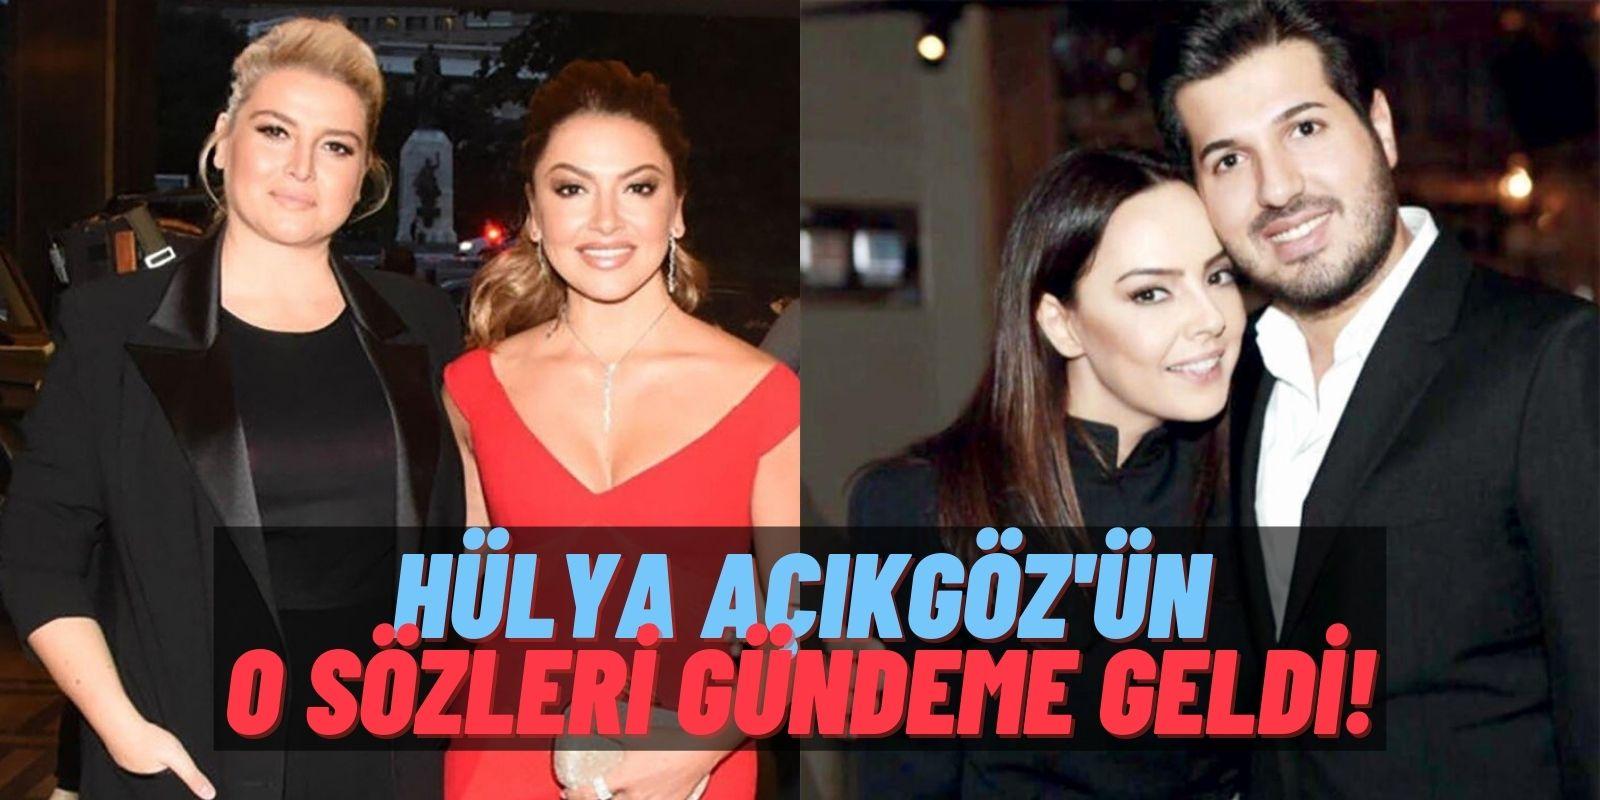 """Hülya Açıkgöz Hadise İçin """"Ben Konuşursam Türkiye'ye Adım Atamaz"""" Demişti! Sözleri Tekrar Gündeme Oturdu!"""